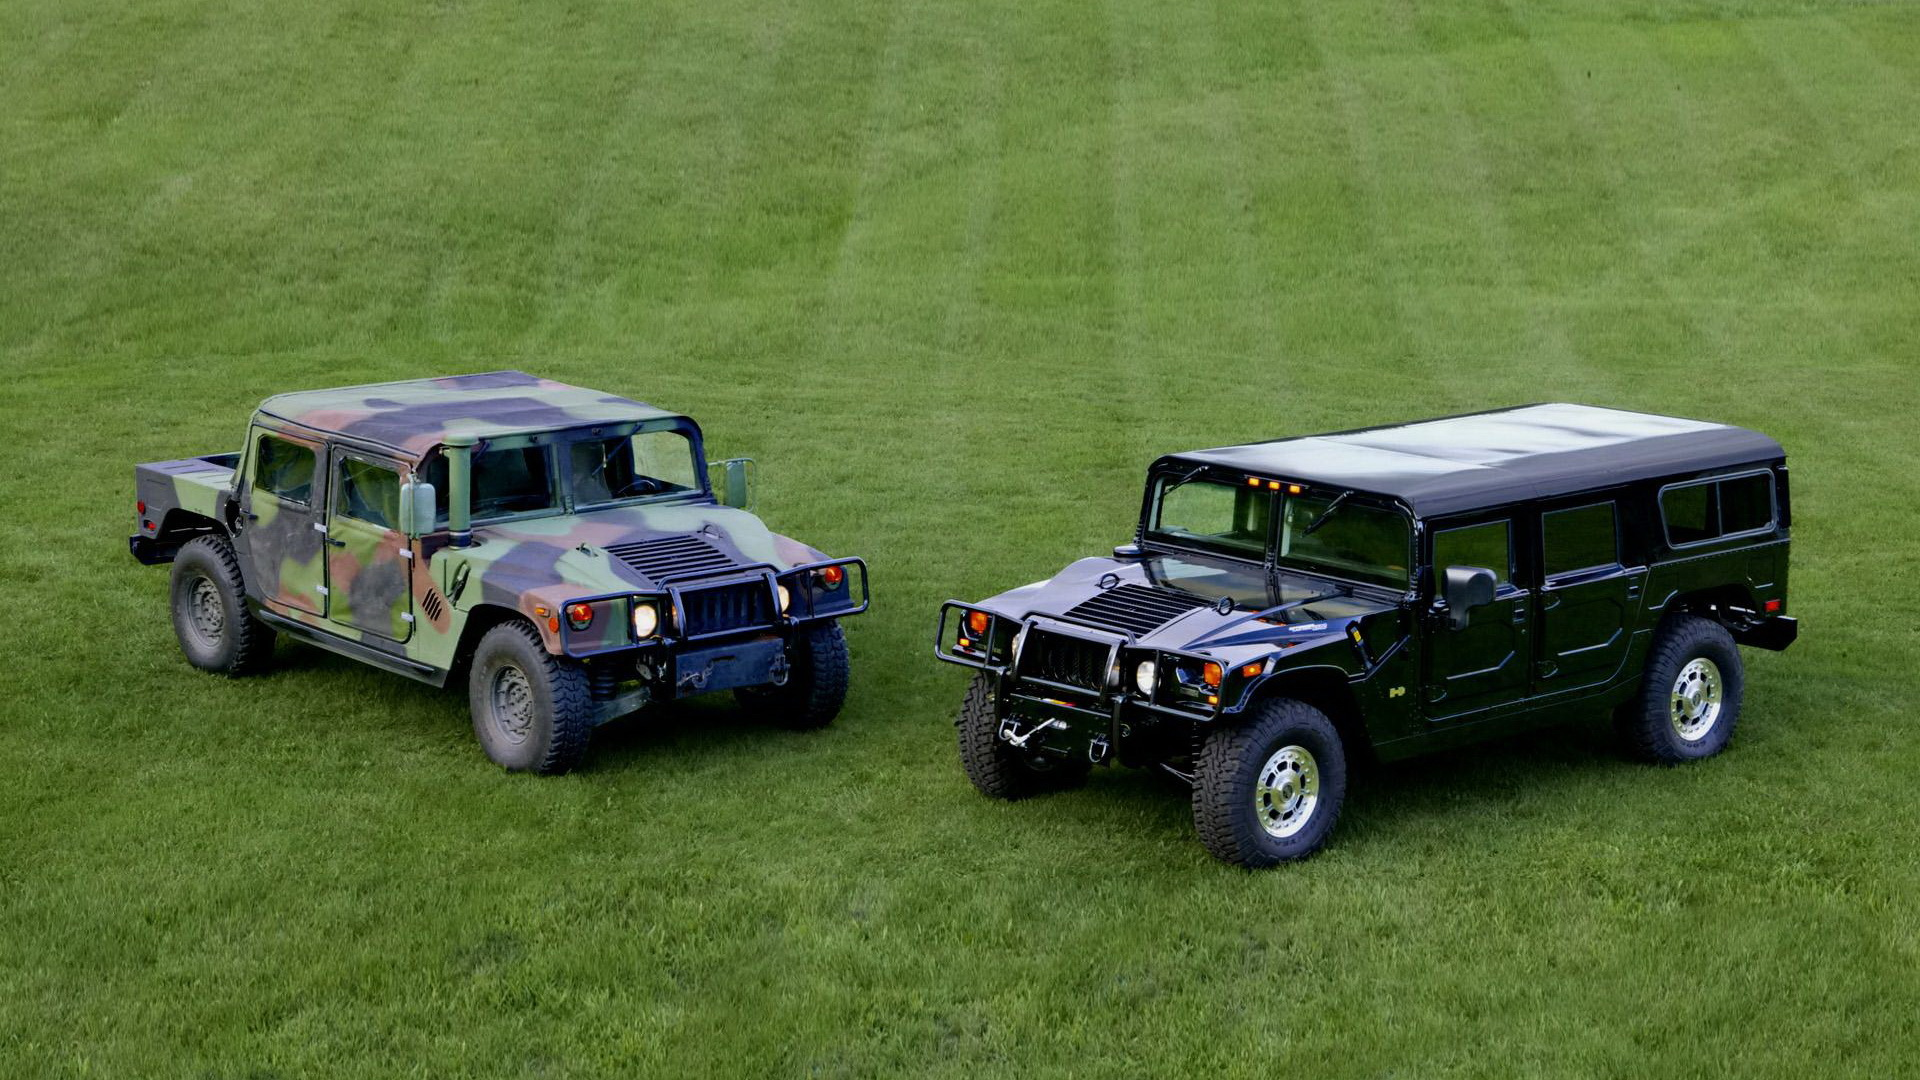 26895 скачать обои Транспорт, Машины, Хаммер (Hummer) - заставки и картинки бесплатно